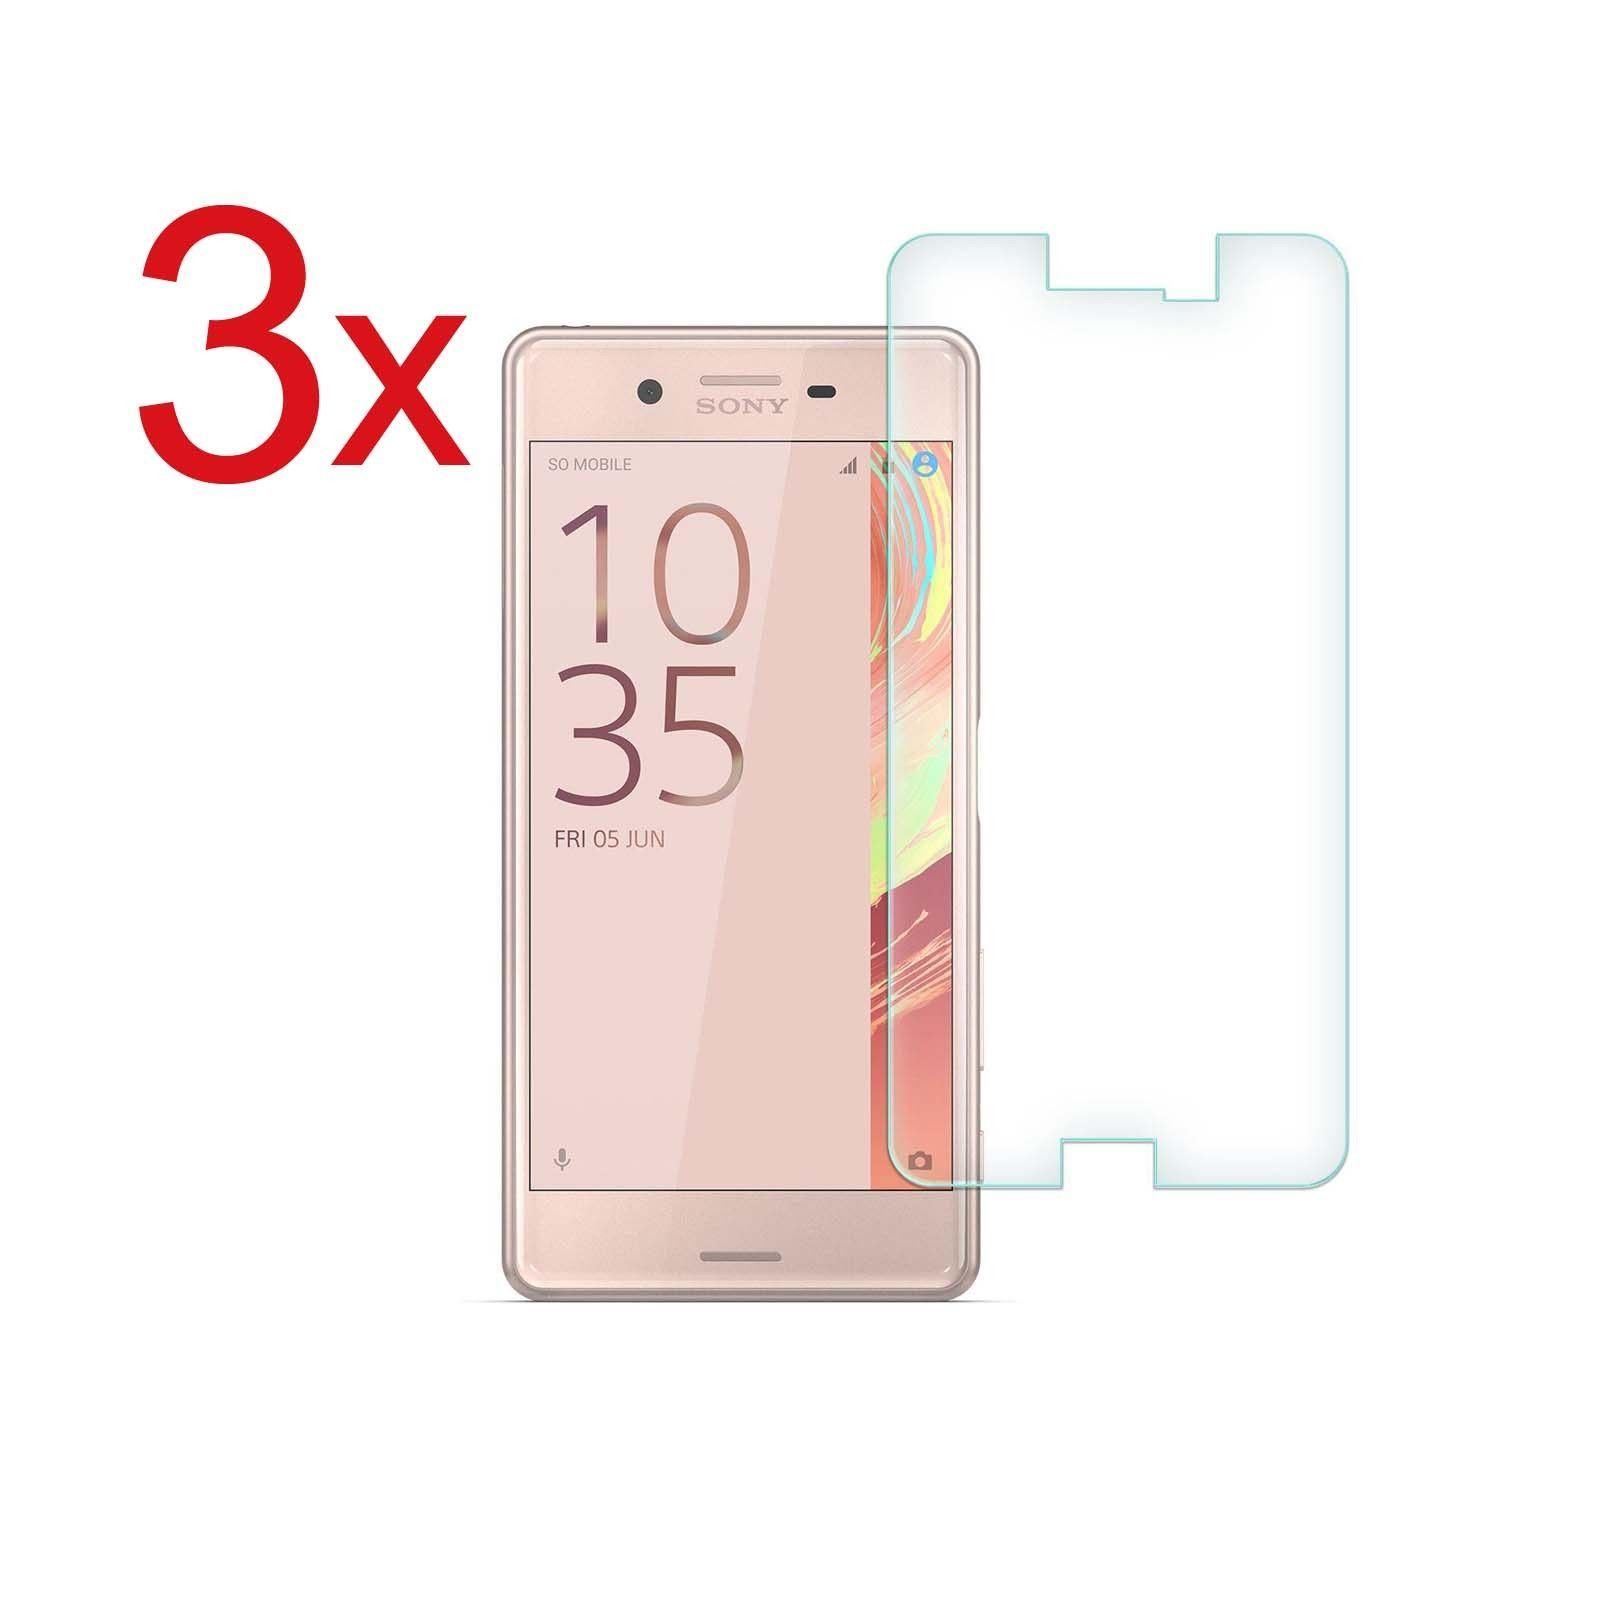 3x-Pellicola-In-Vetro-Temperato-Per-Sony-Ericsson-Xperia-E5-Z3-Z5